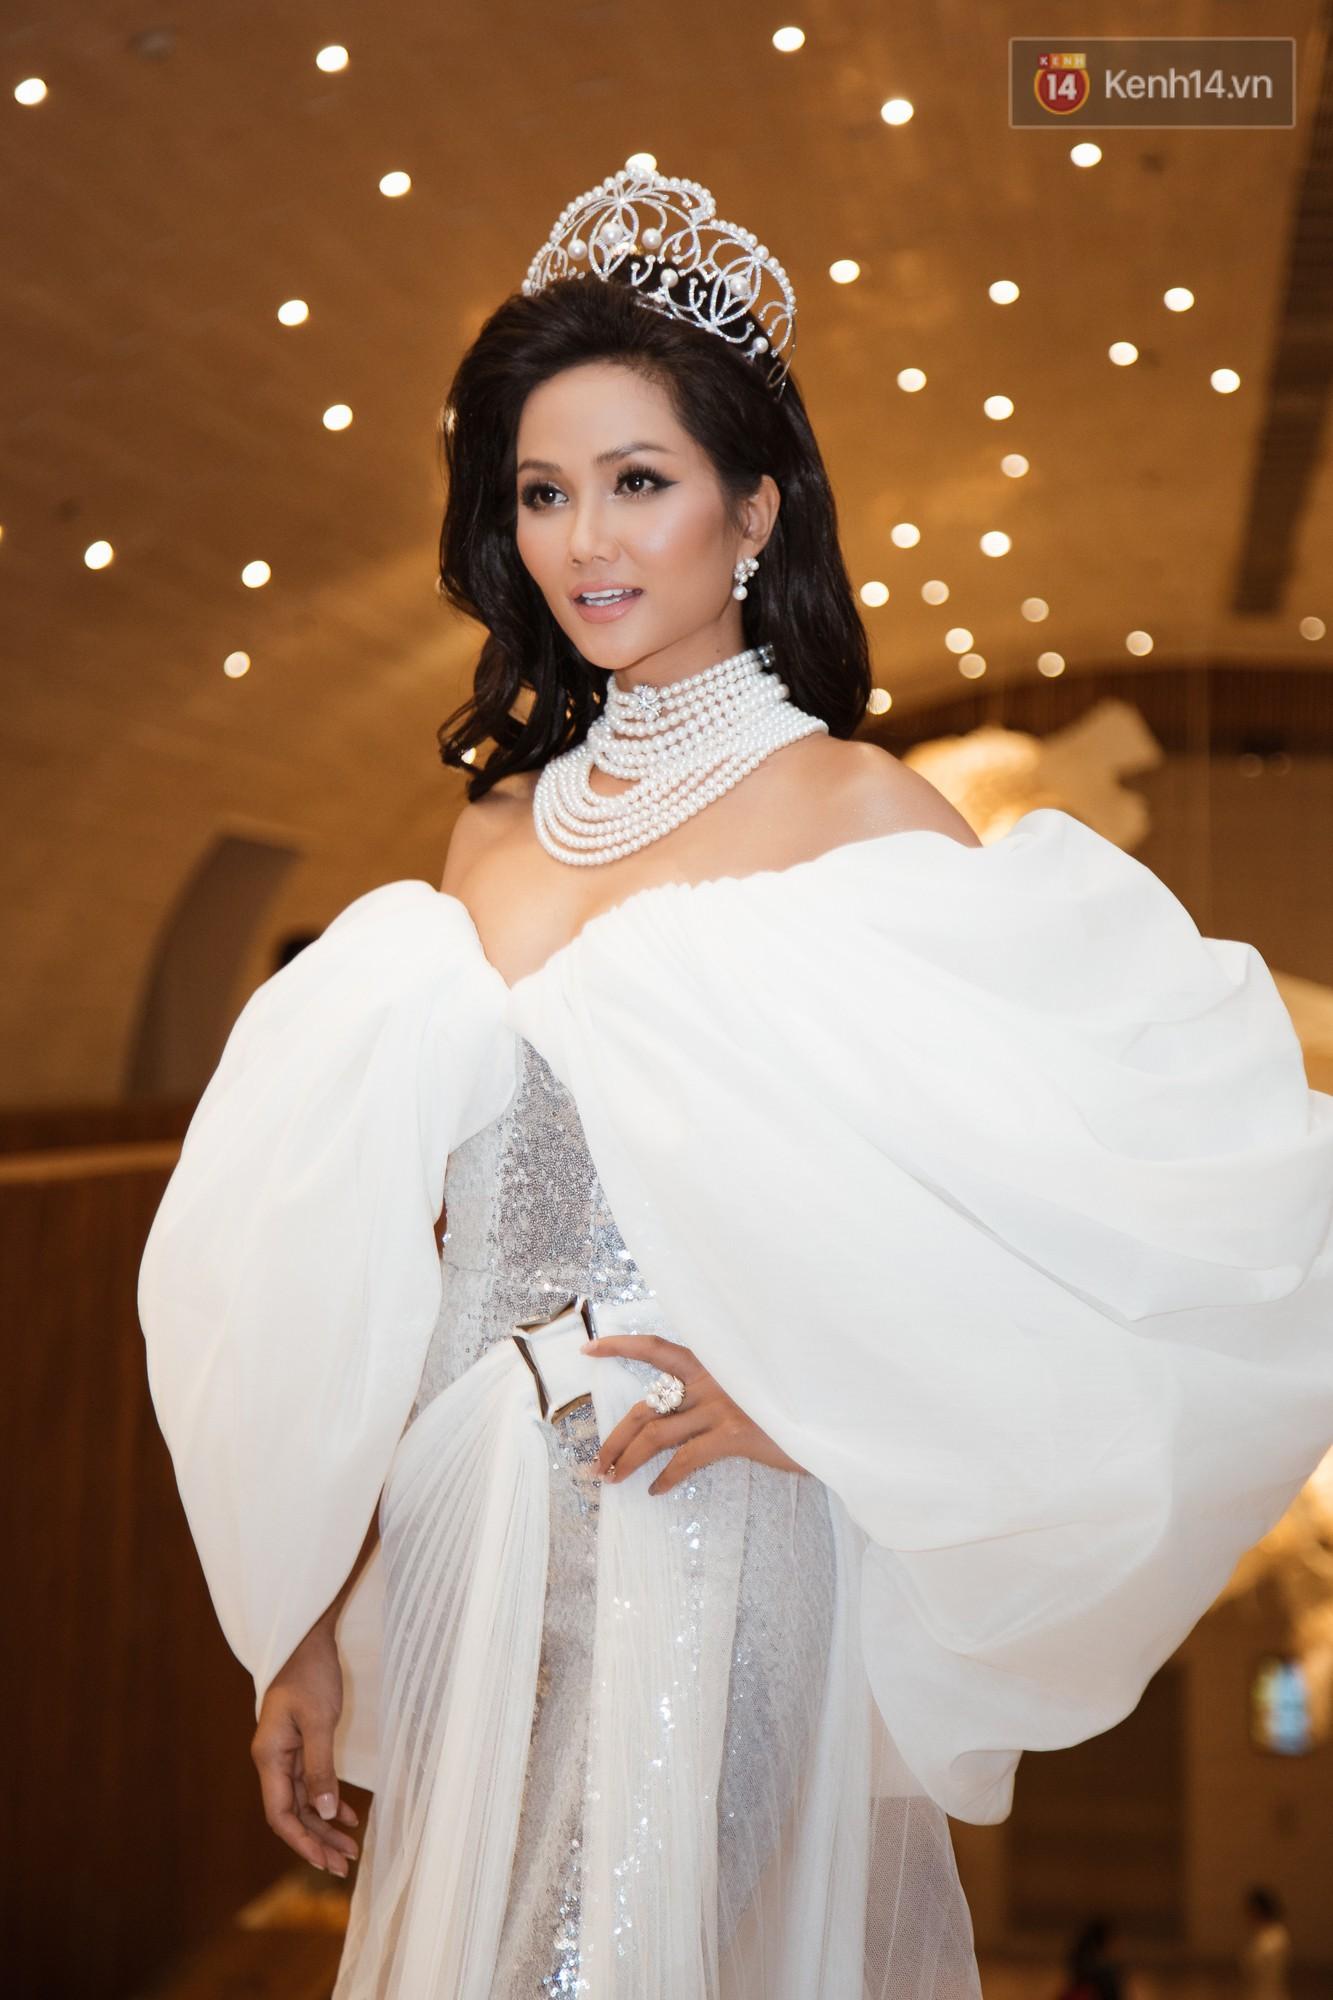 Hành trình nhan sắc và khối tài sản không phải dạng vừa của dàn Hoa hậu đình đám - Ảnh 4.